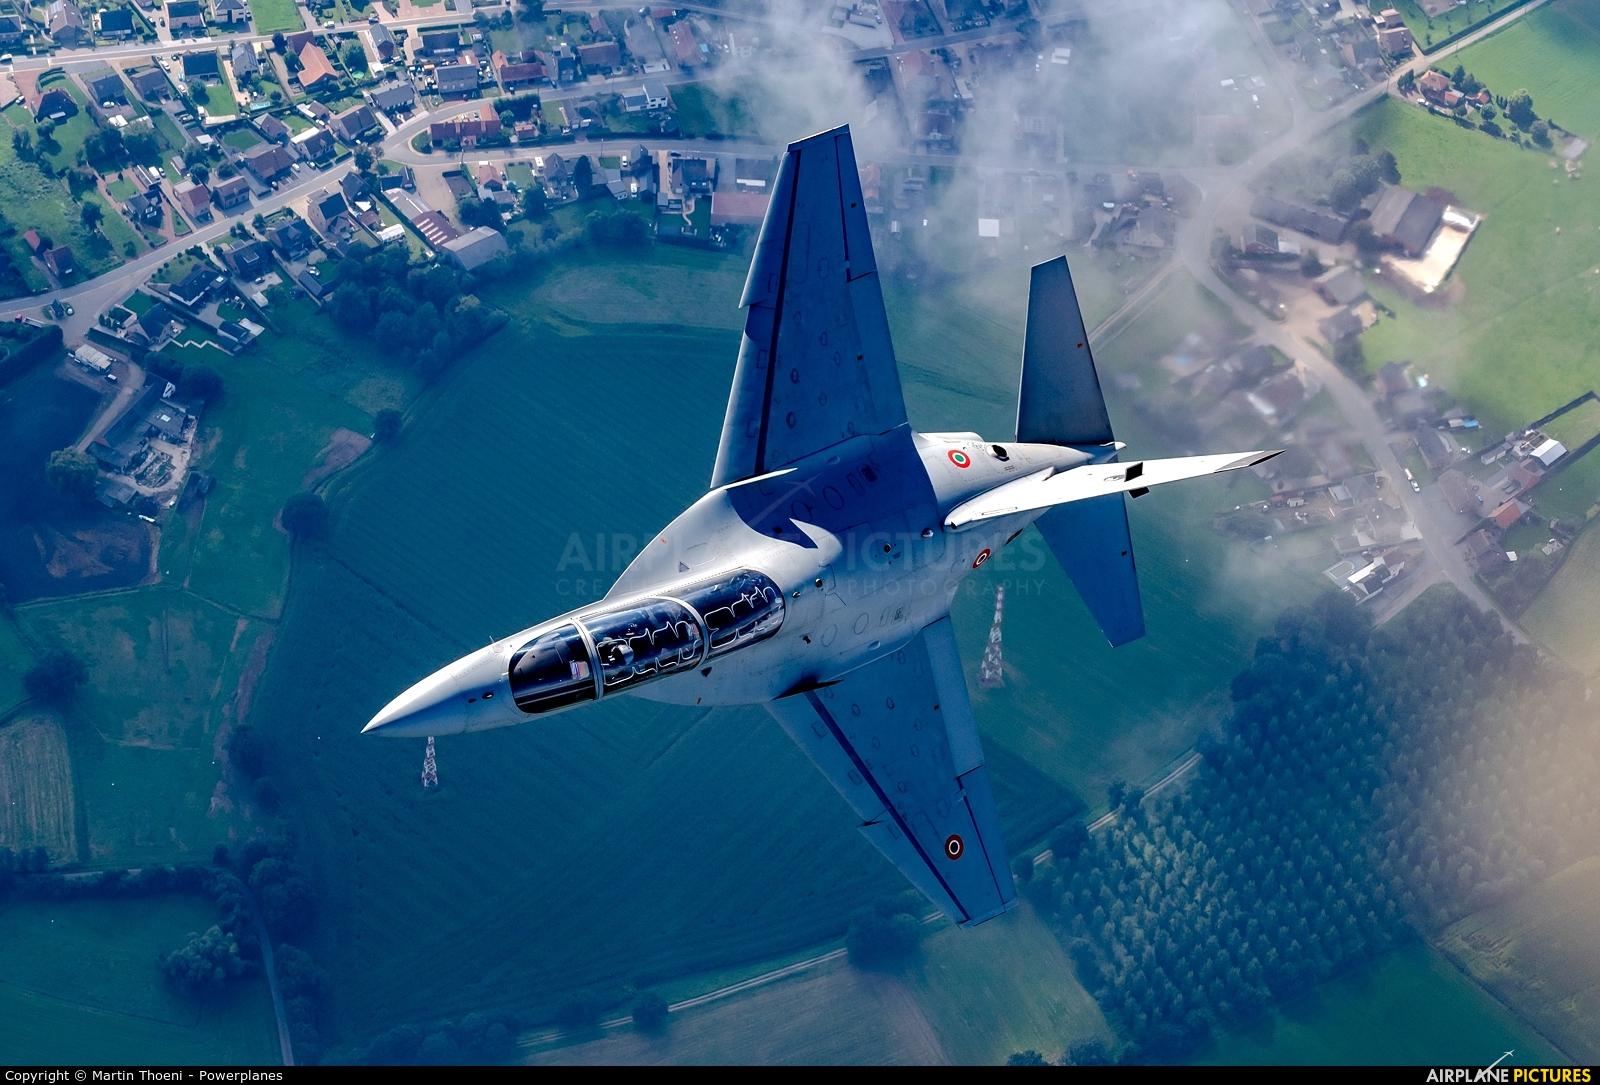 Italy - Air Force 61-13 aircraft at In Flight - Belgium